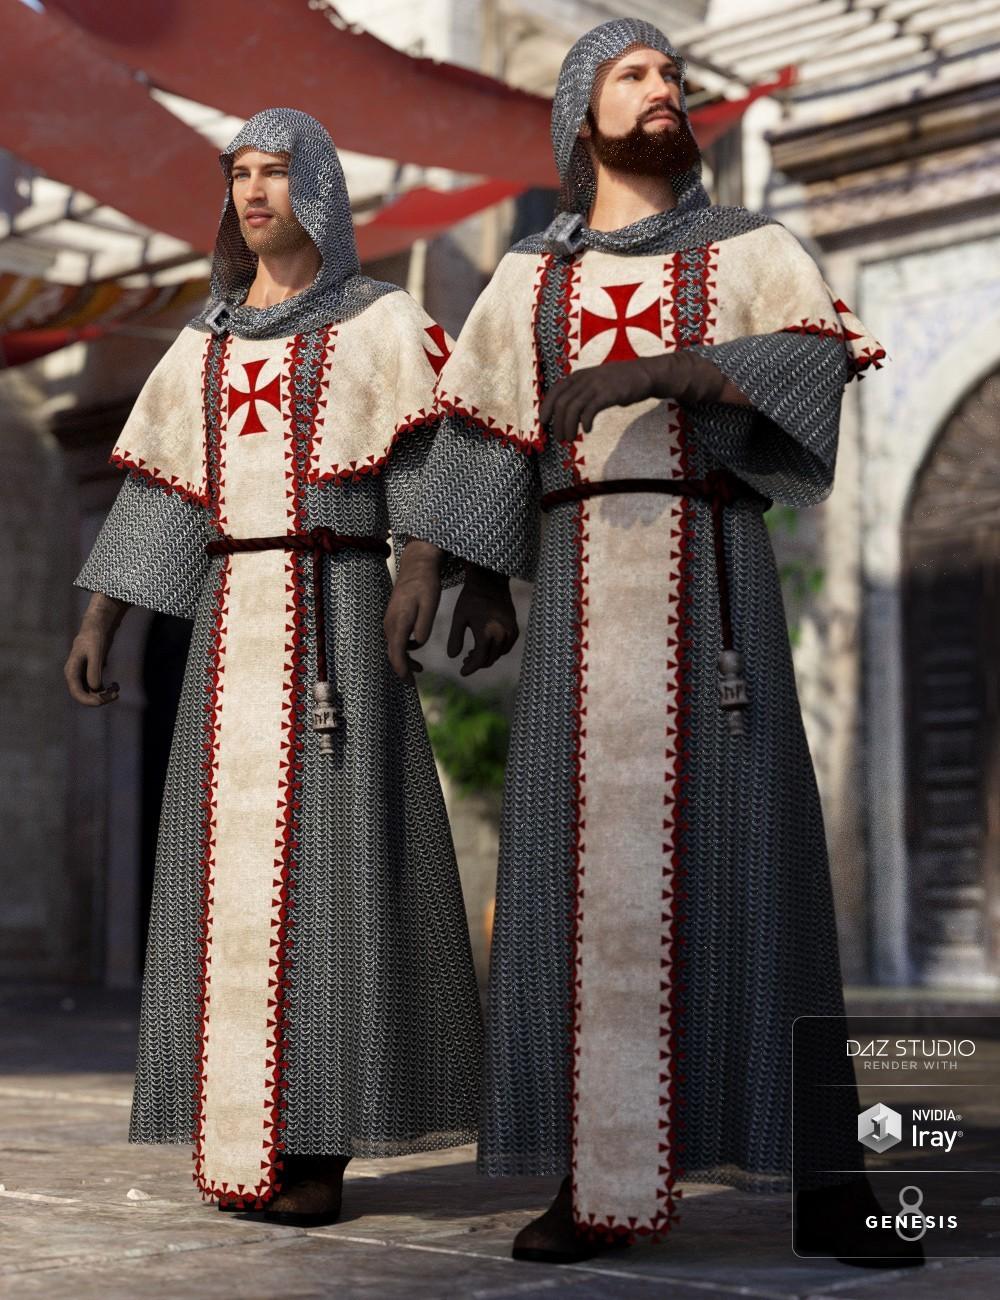 ArtStation - dForce Templar Outfit for Genesis 8 Males, Lisa